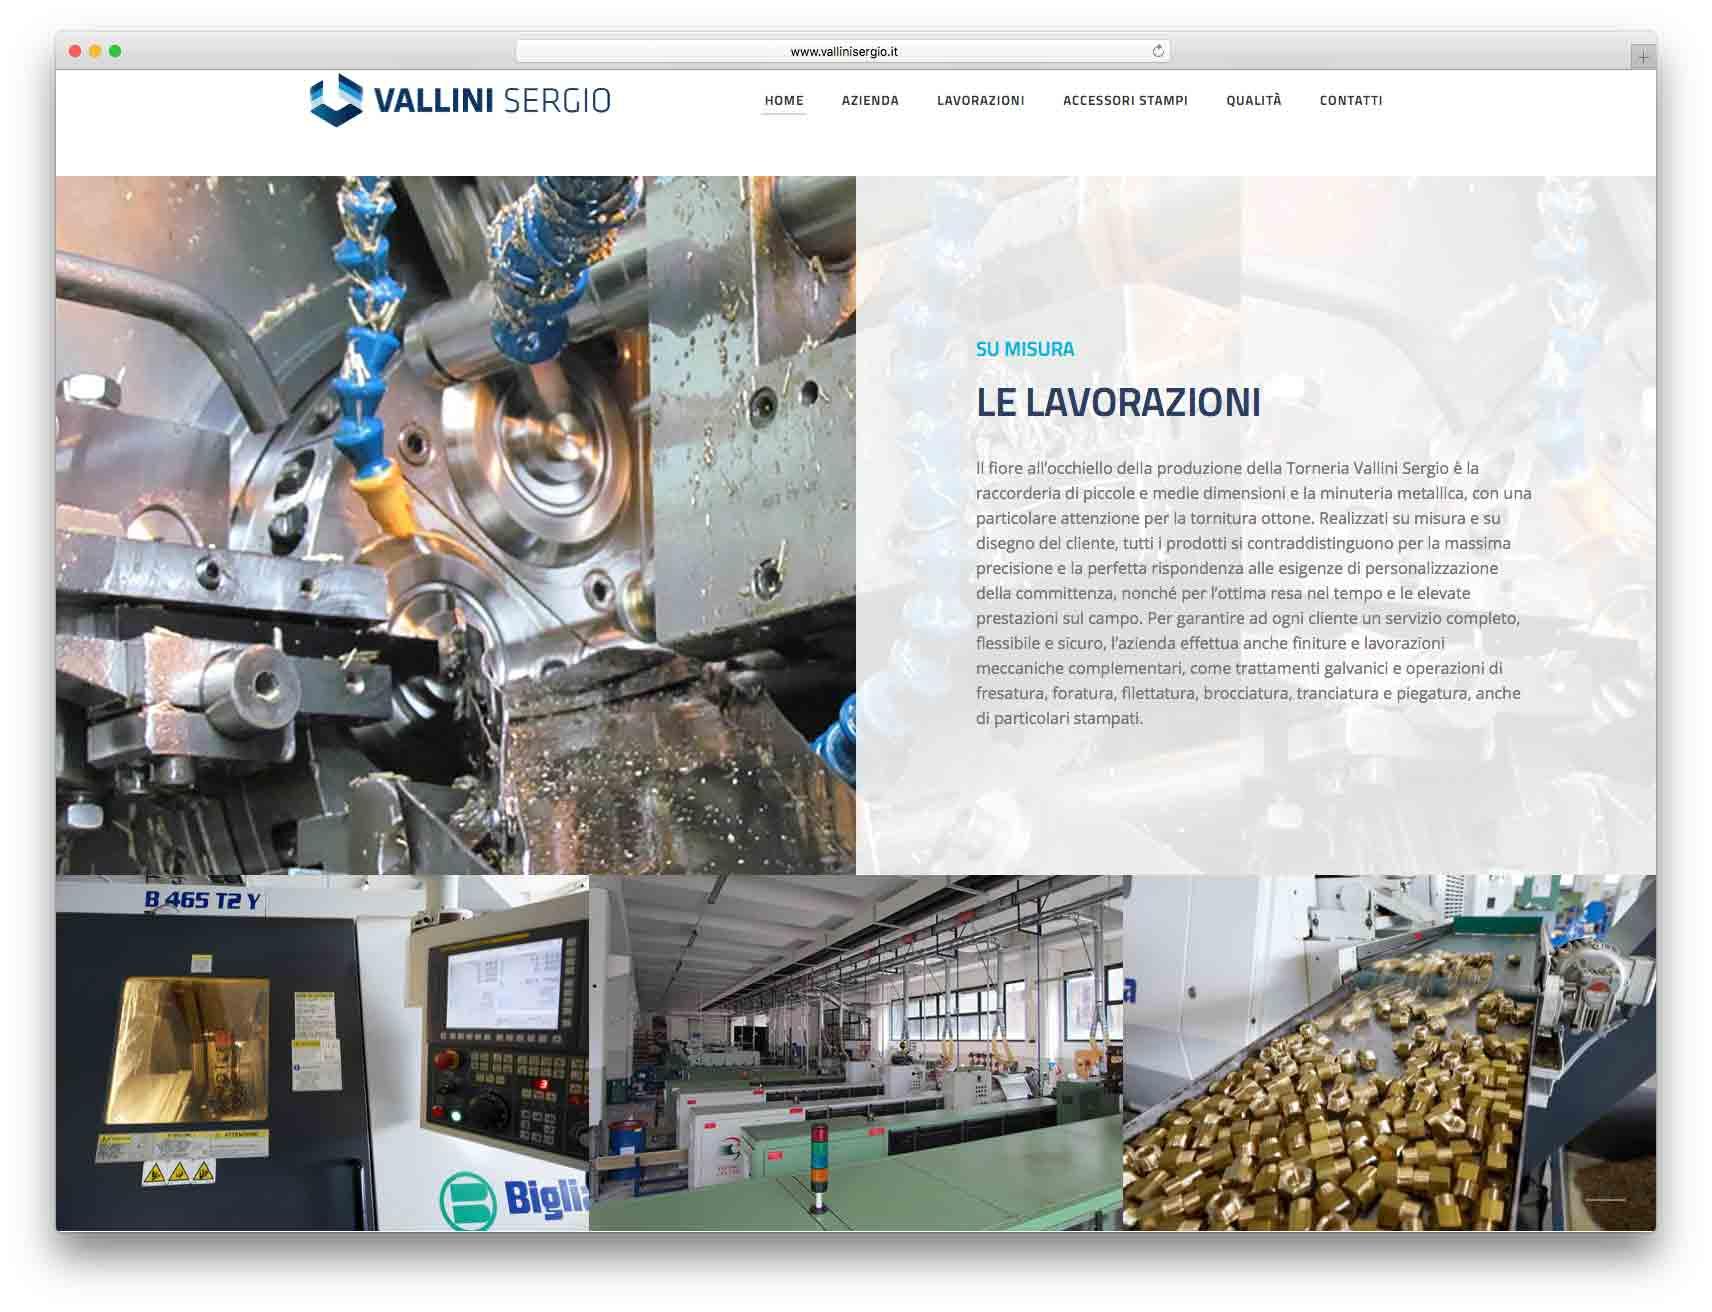 creazione siti web brescia - Agenzia P - sito web Torneria Vallini Sergio